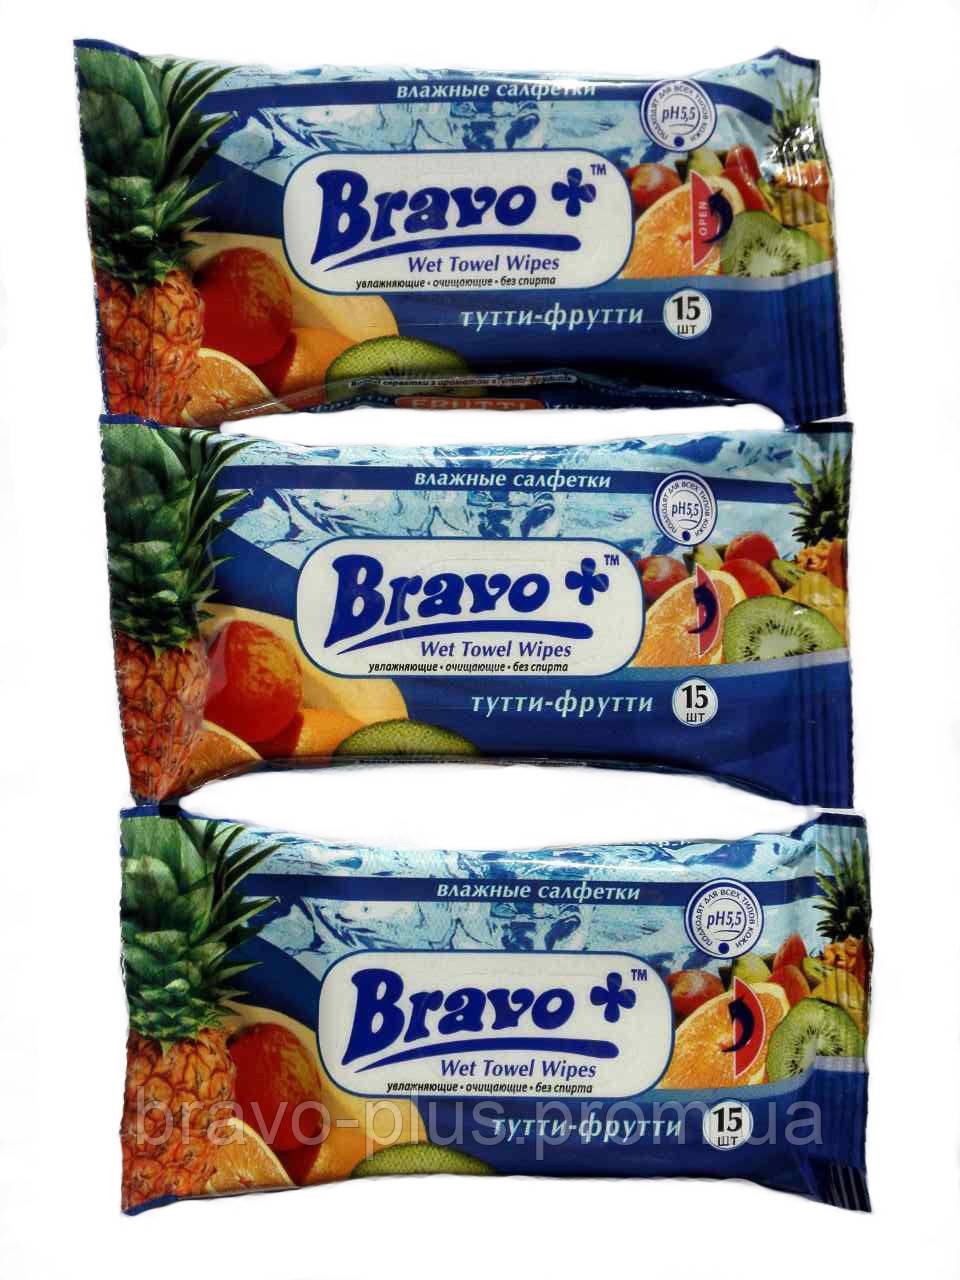 Влажные салфетки Bravo+ тутти-фрутти 15 шт. ( Bravo-plus Браво )